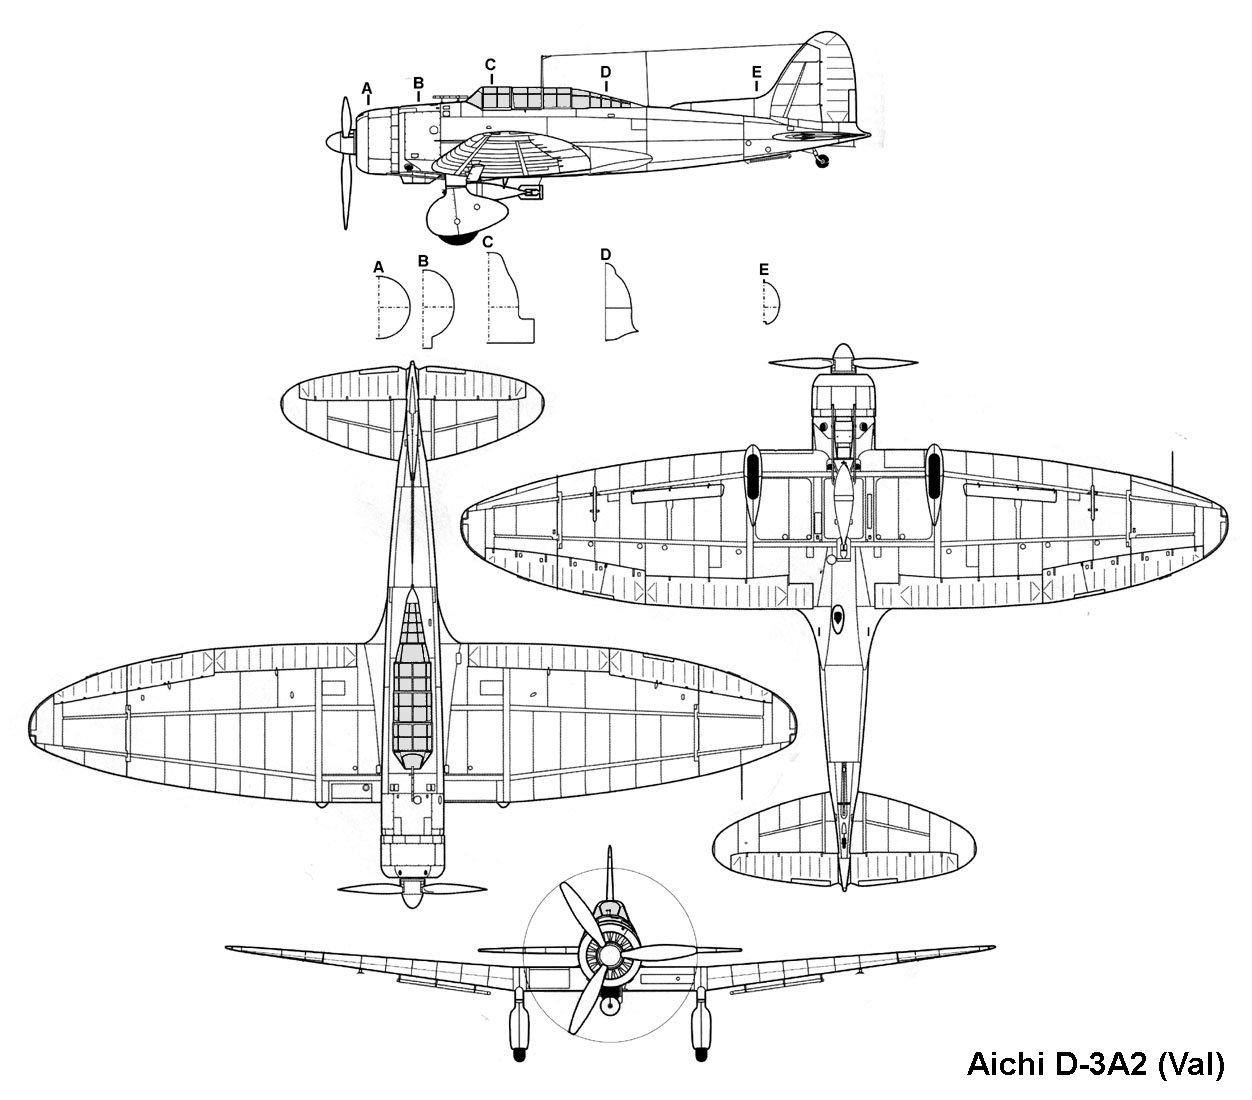 Aichi D3a2 Blueprint